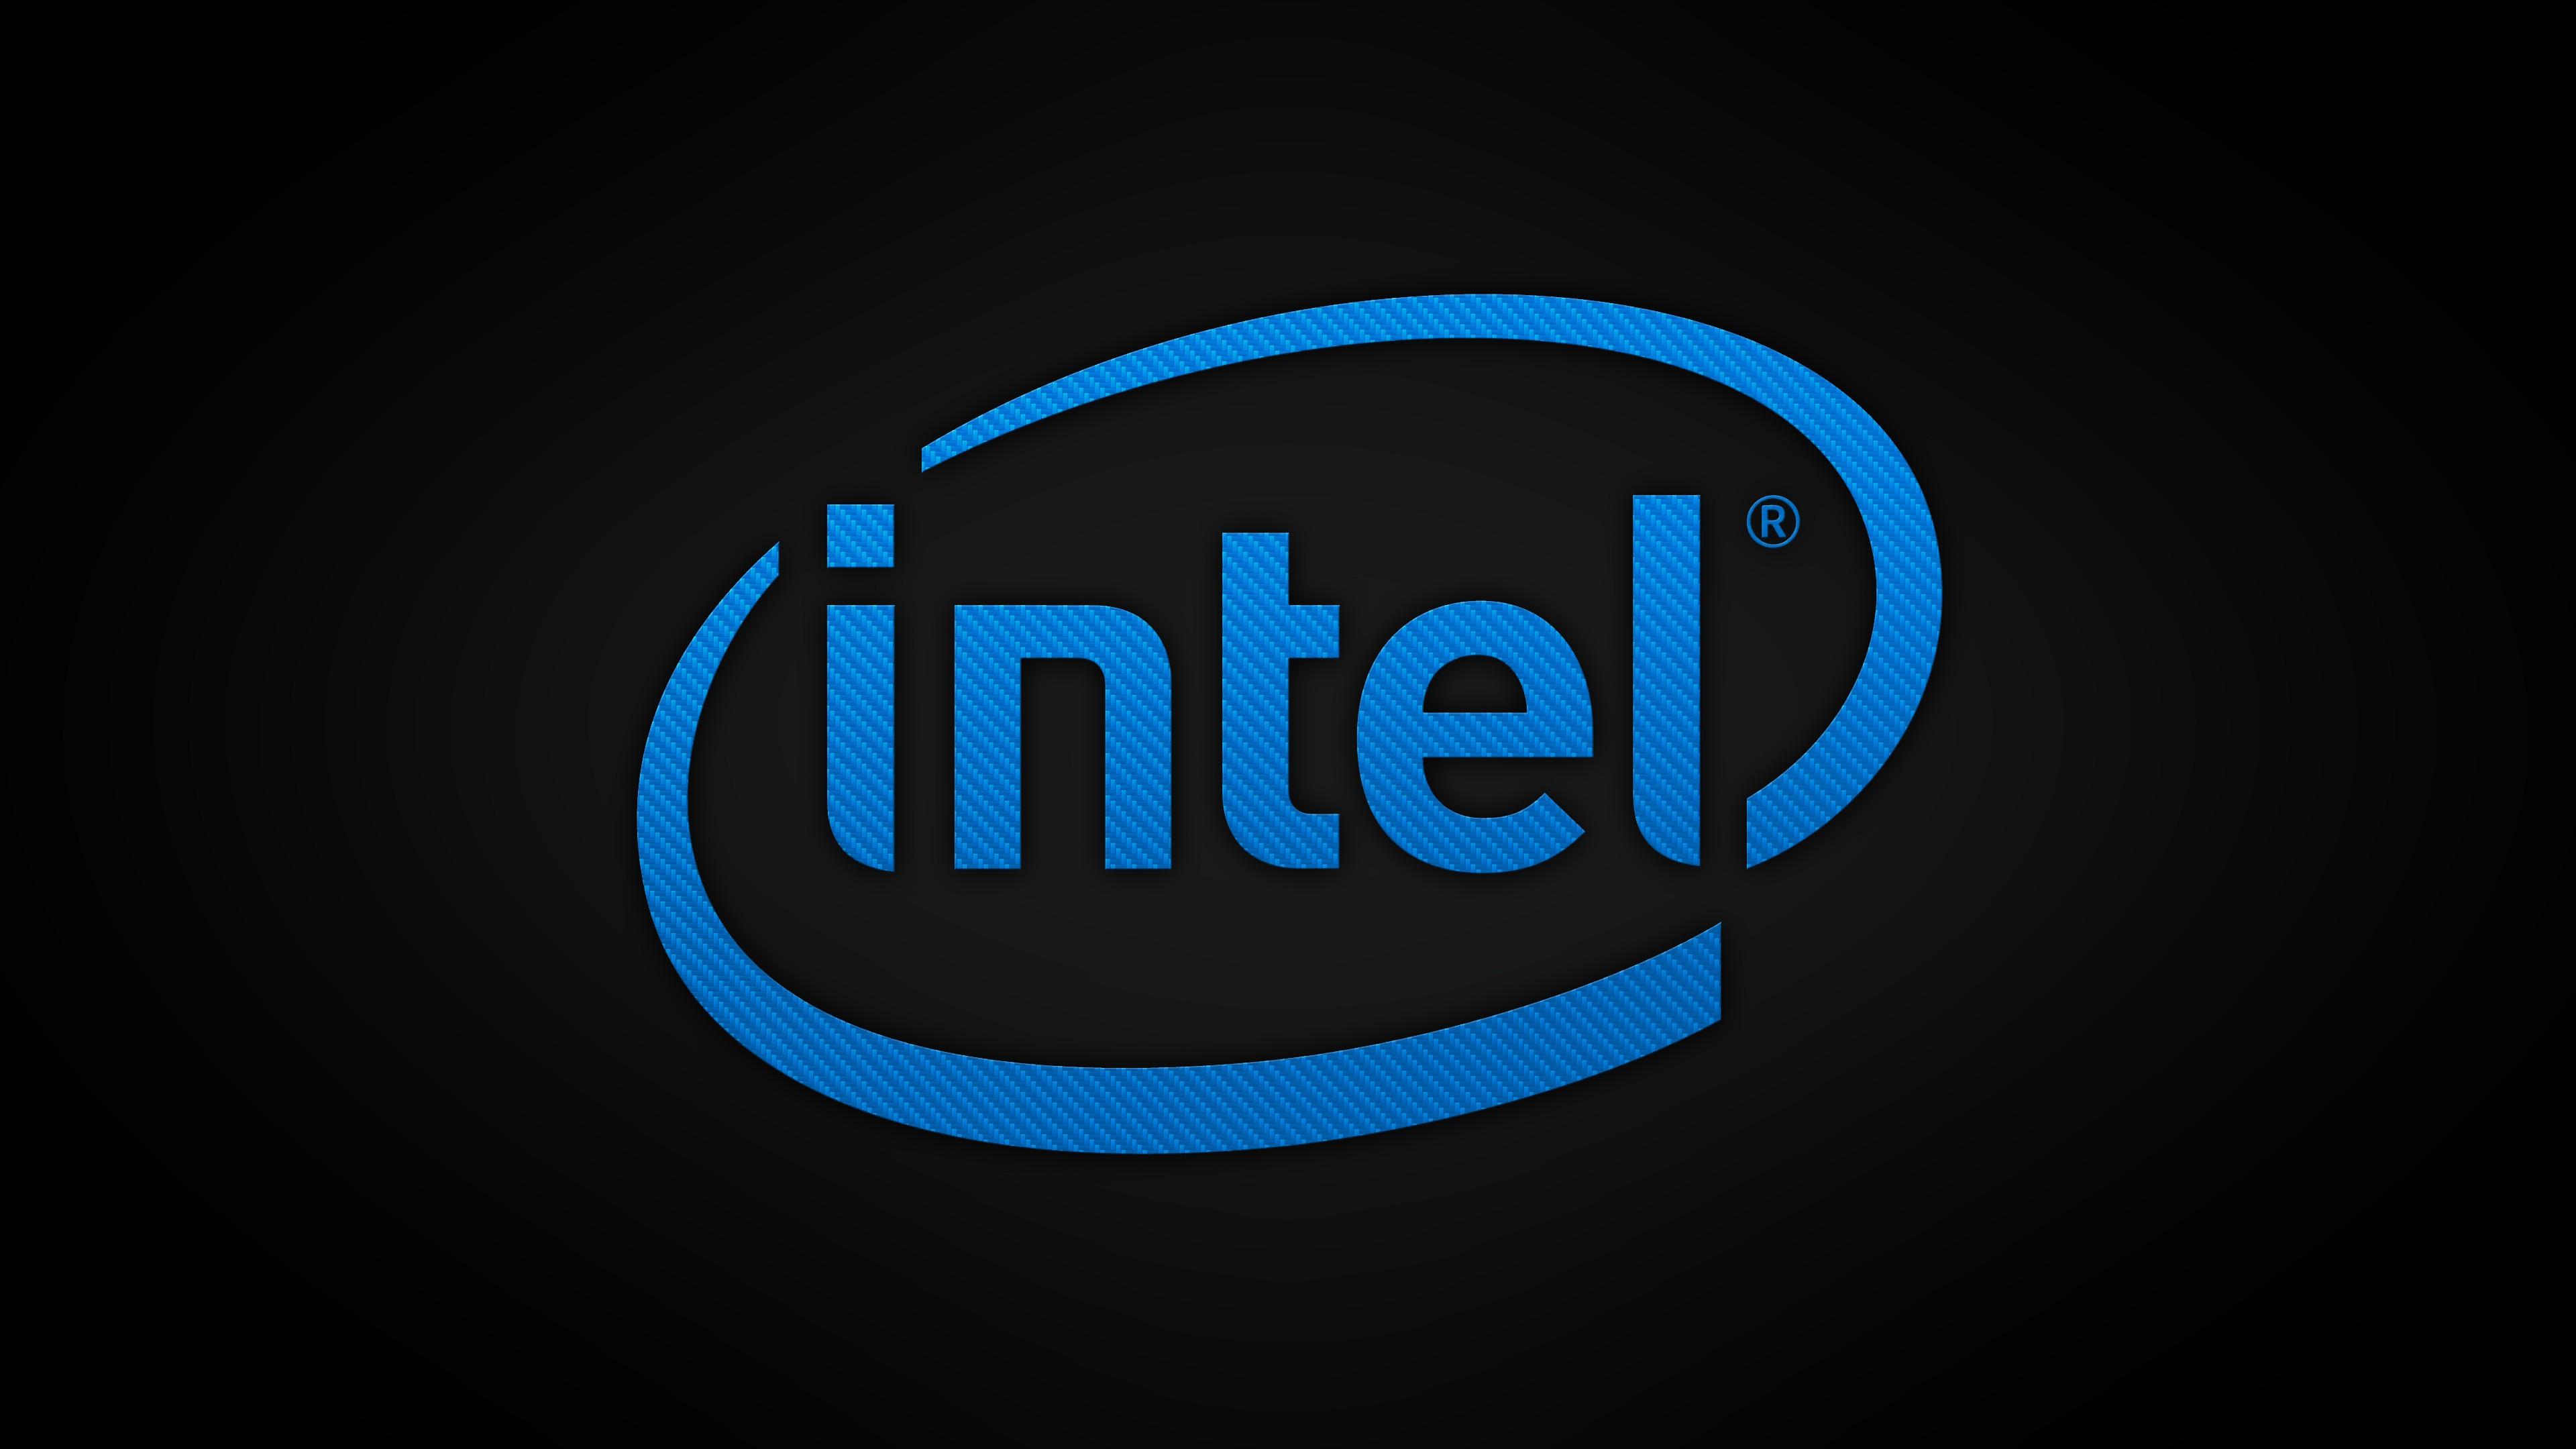 Obrazek przedstawia logo firmy Intel.